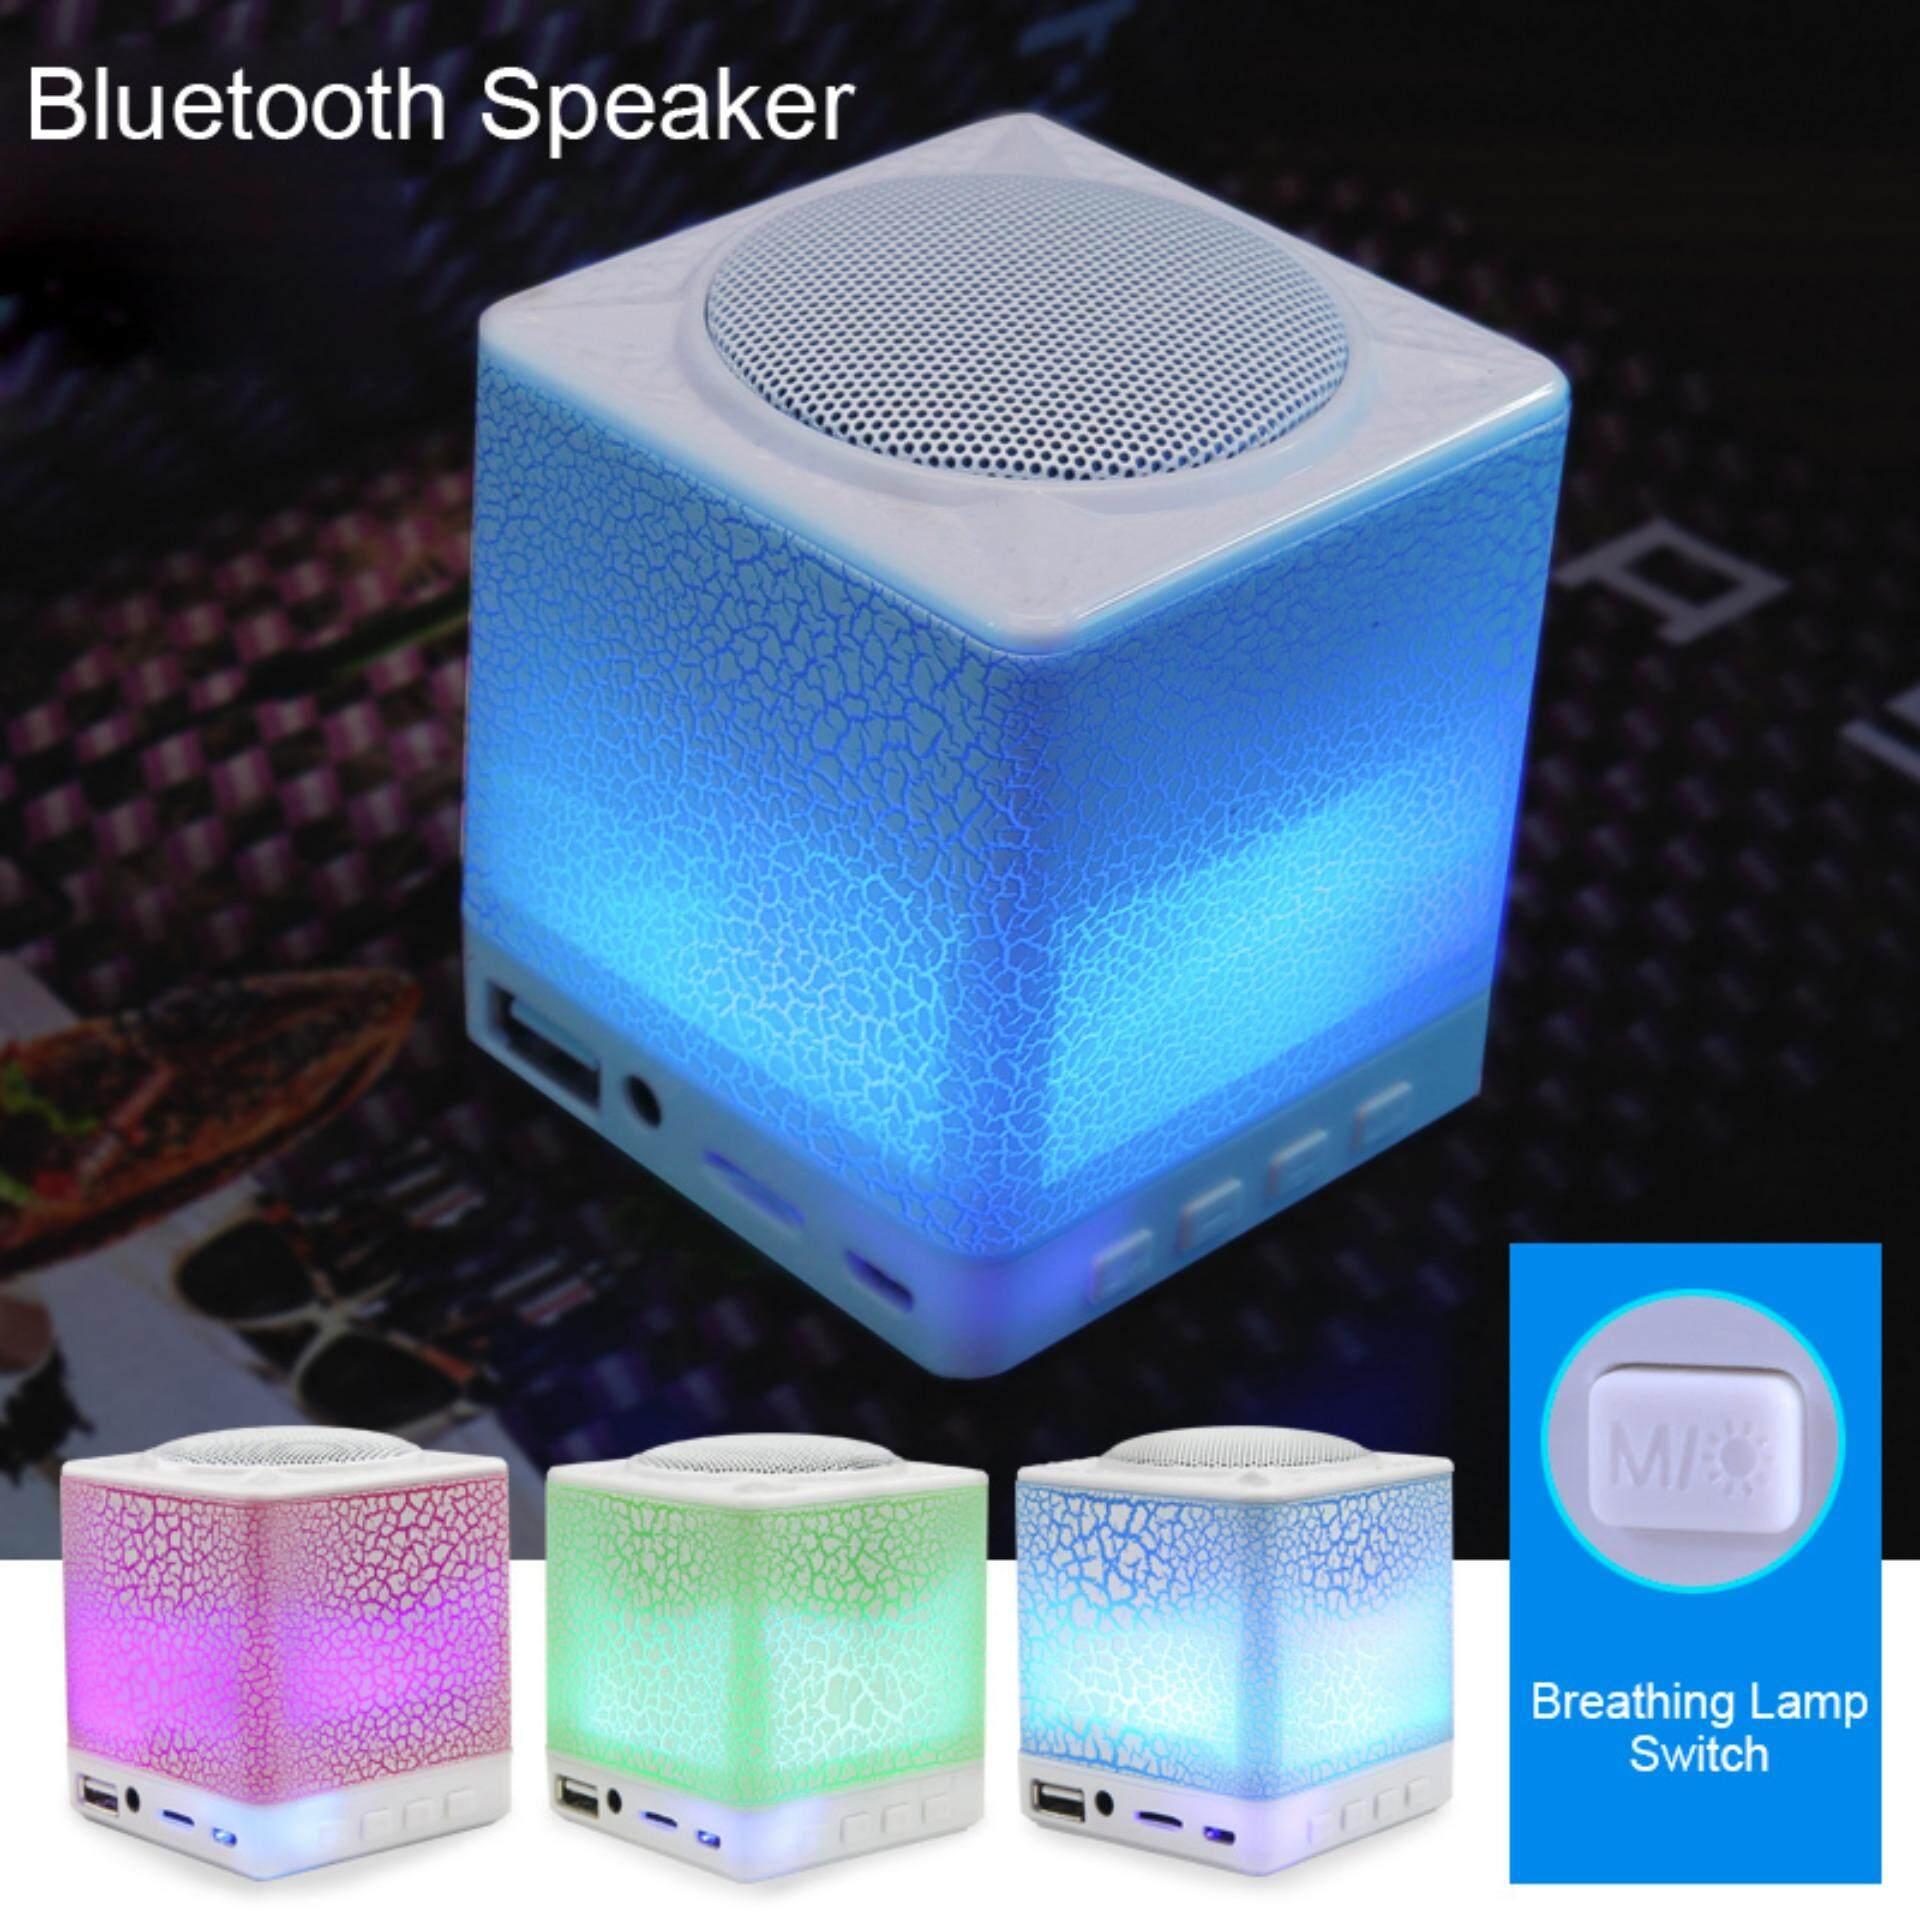 Kotak Pandora Portable Mini Wirelss Lampu Speaker Bluetooth Stereo HD Kotak Suara Musik Ultralight USB Input untuk Ponsel dengan 3.5 Mm Kabel Audio Telepon Speaker Shower Mobil home Outdoor Musik Interior Cahaya Lampu Hias